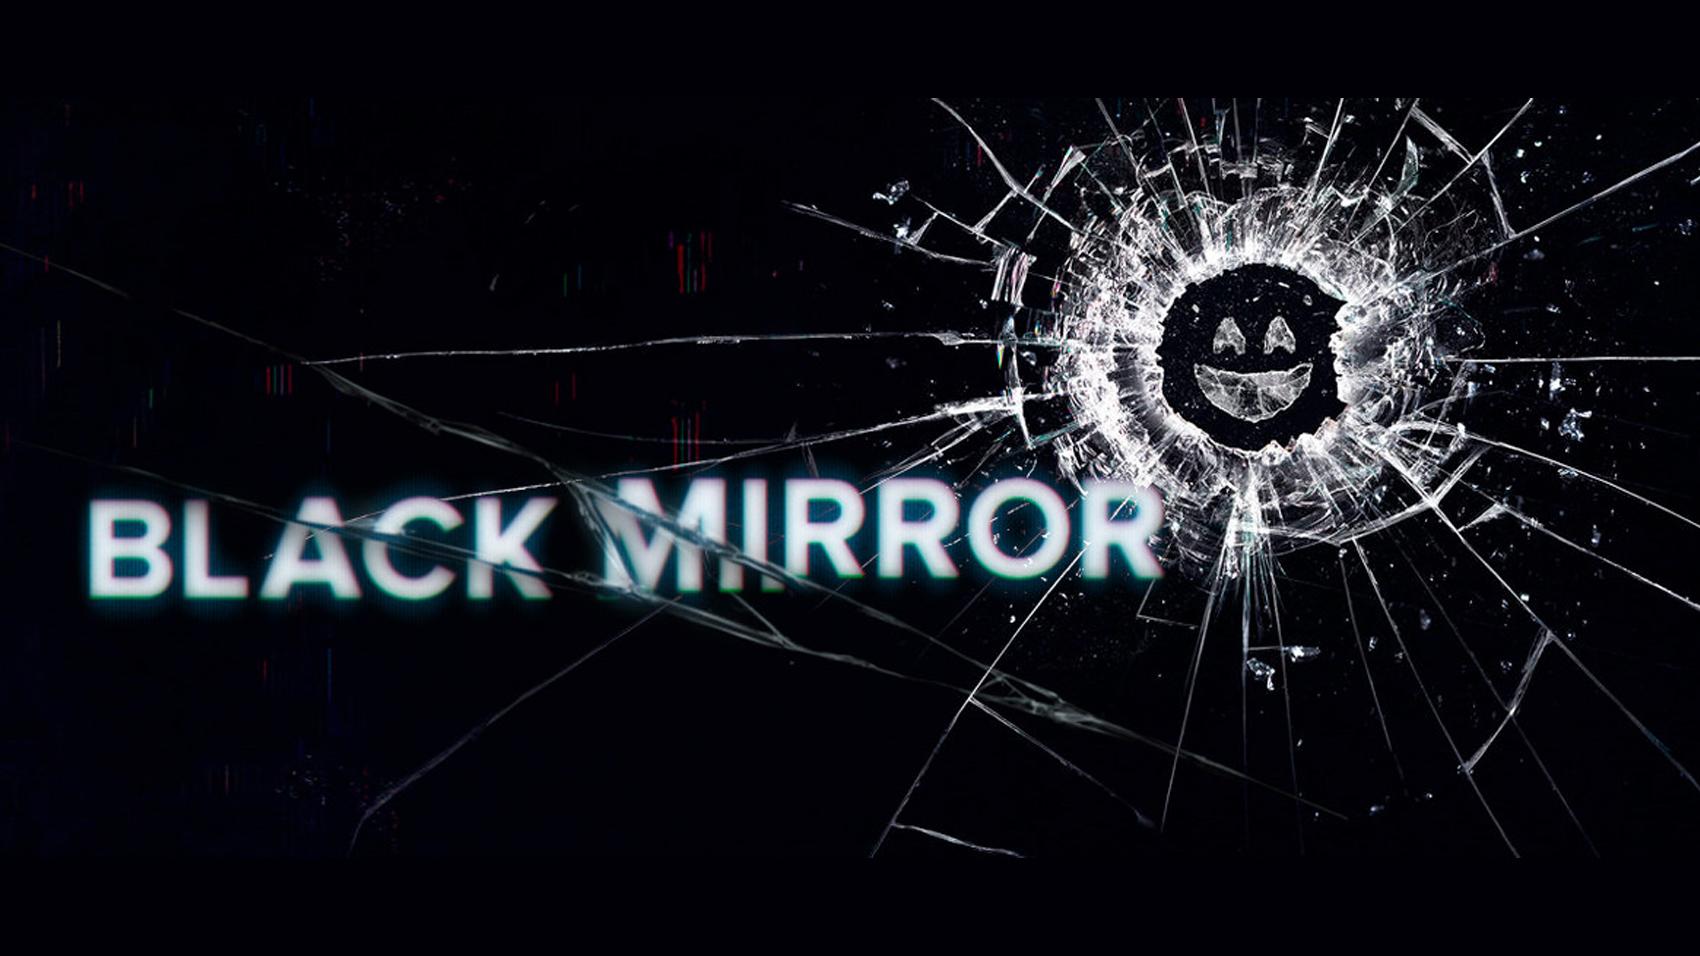 Black Miror